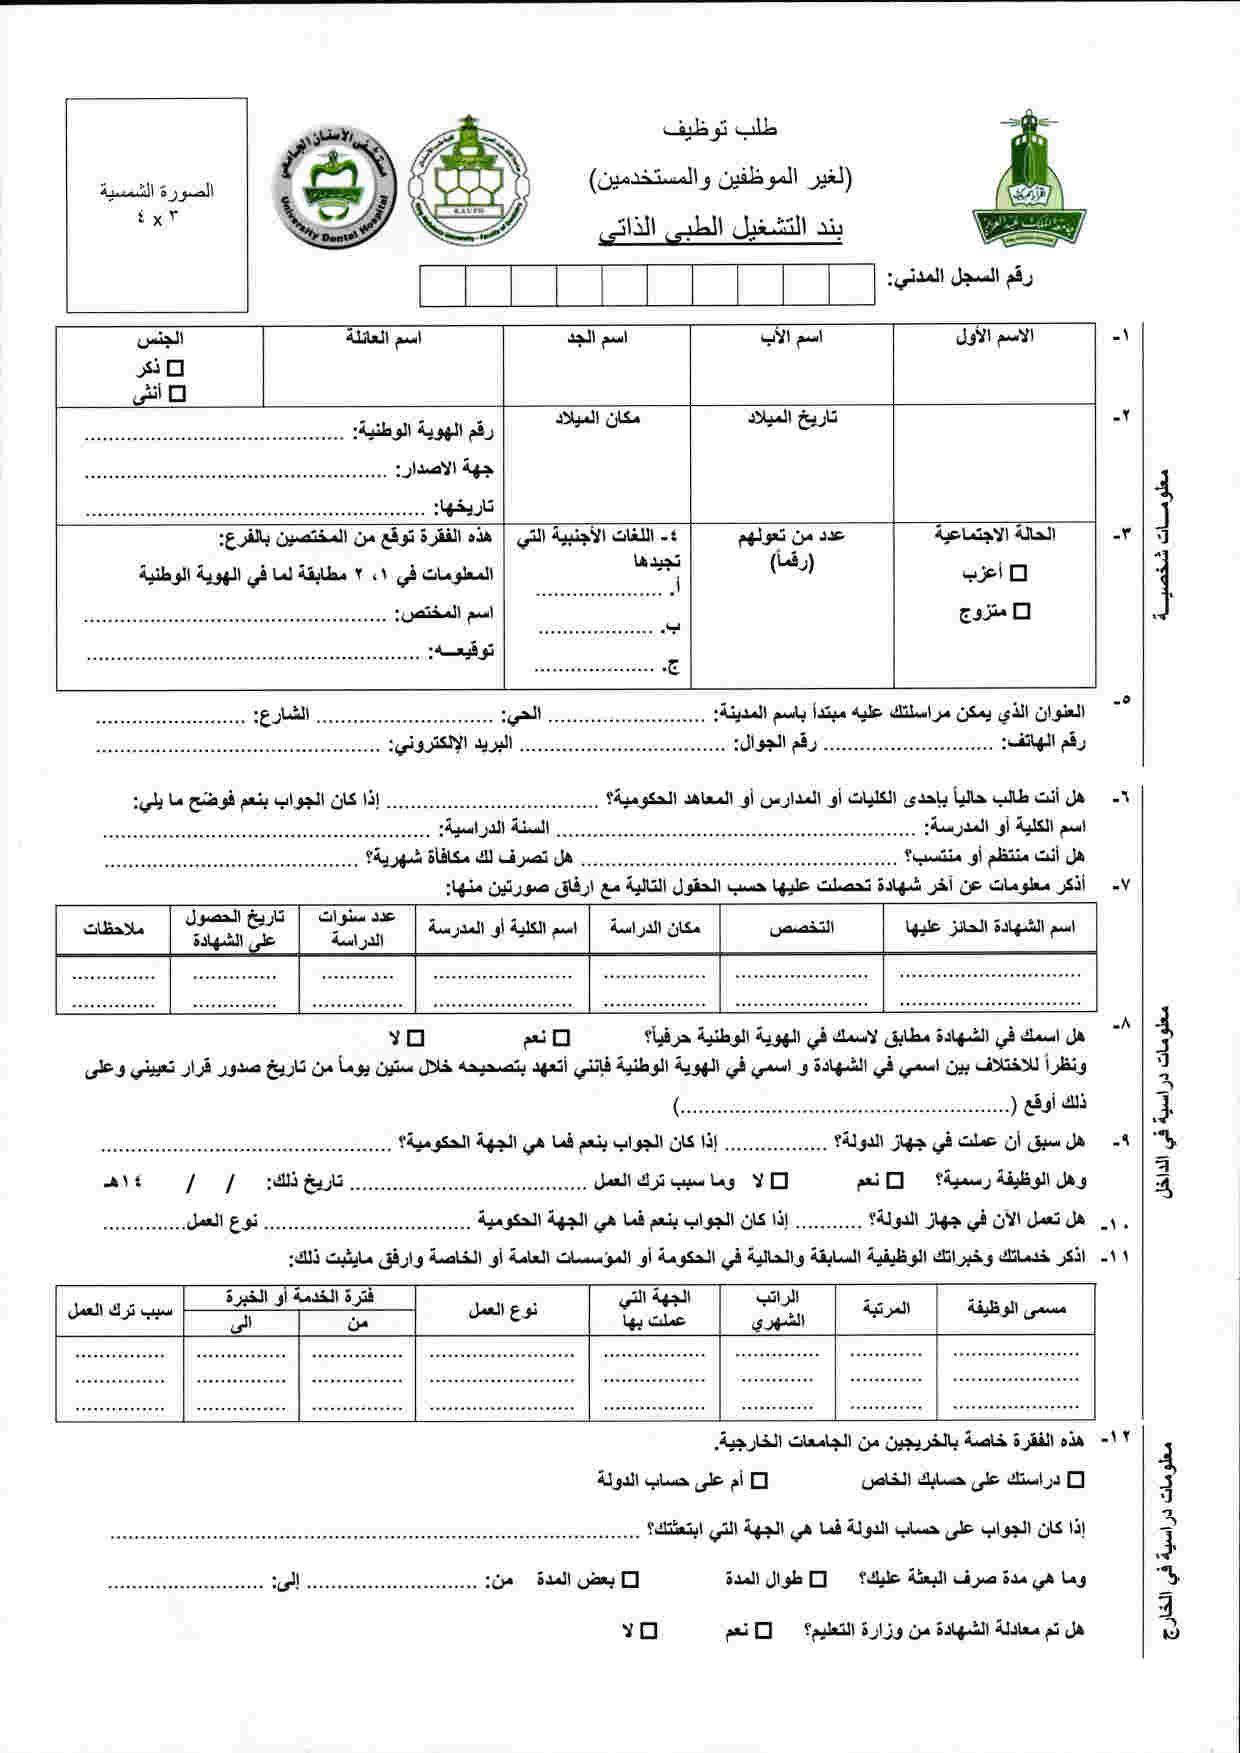 جامعة الملك عبدالعزيز مستشفى الأسنان الجامعي يعلن عن وظائف اداريين وفنيين واخصائيين شاغرة على بند التشغيل الذاتي لعام 1438هـ Sheet Music Job App